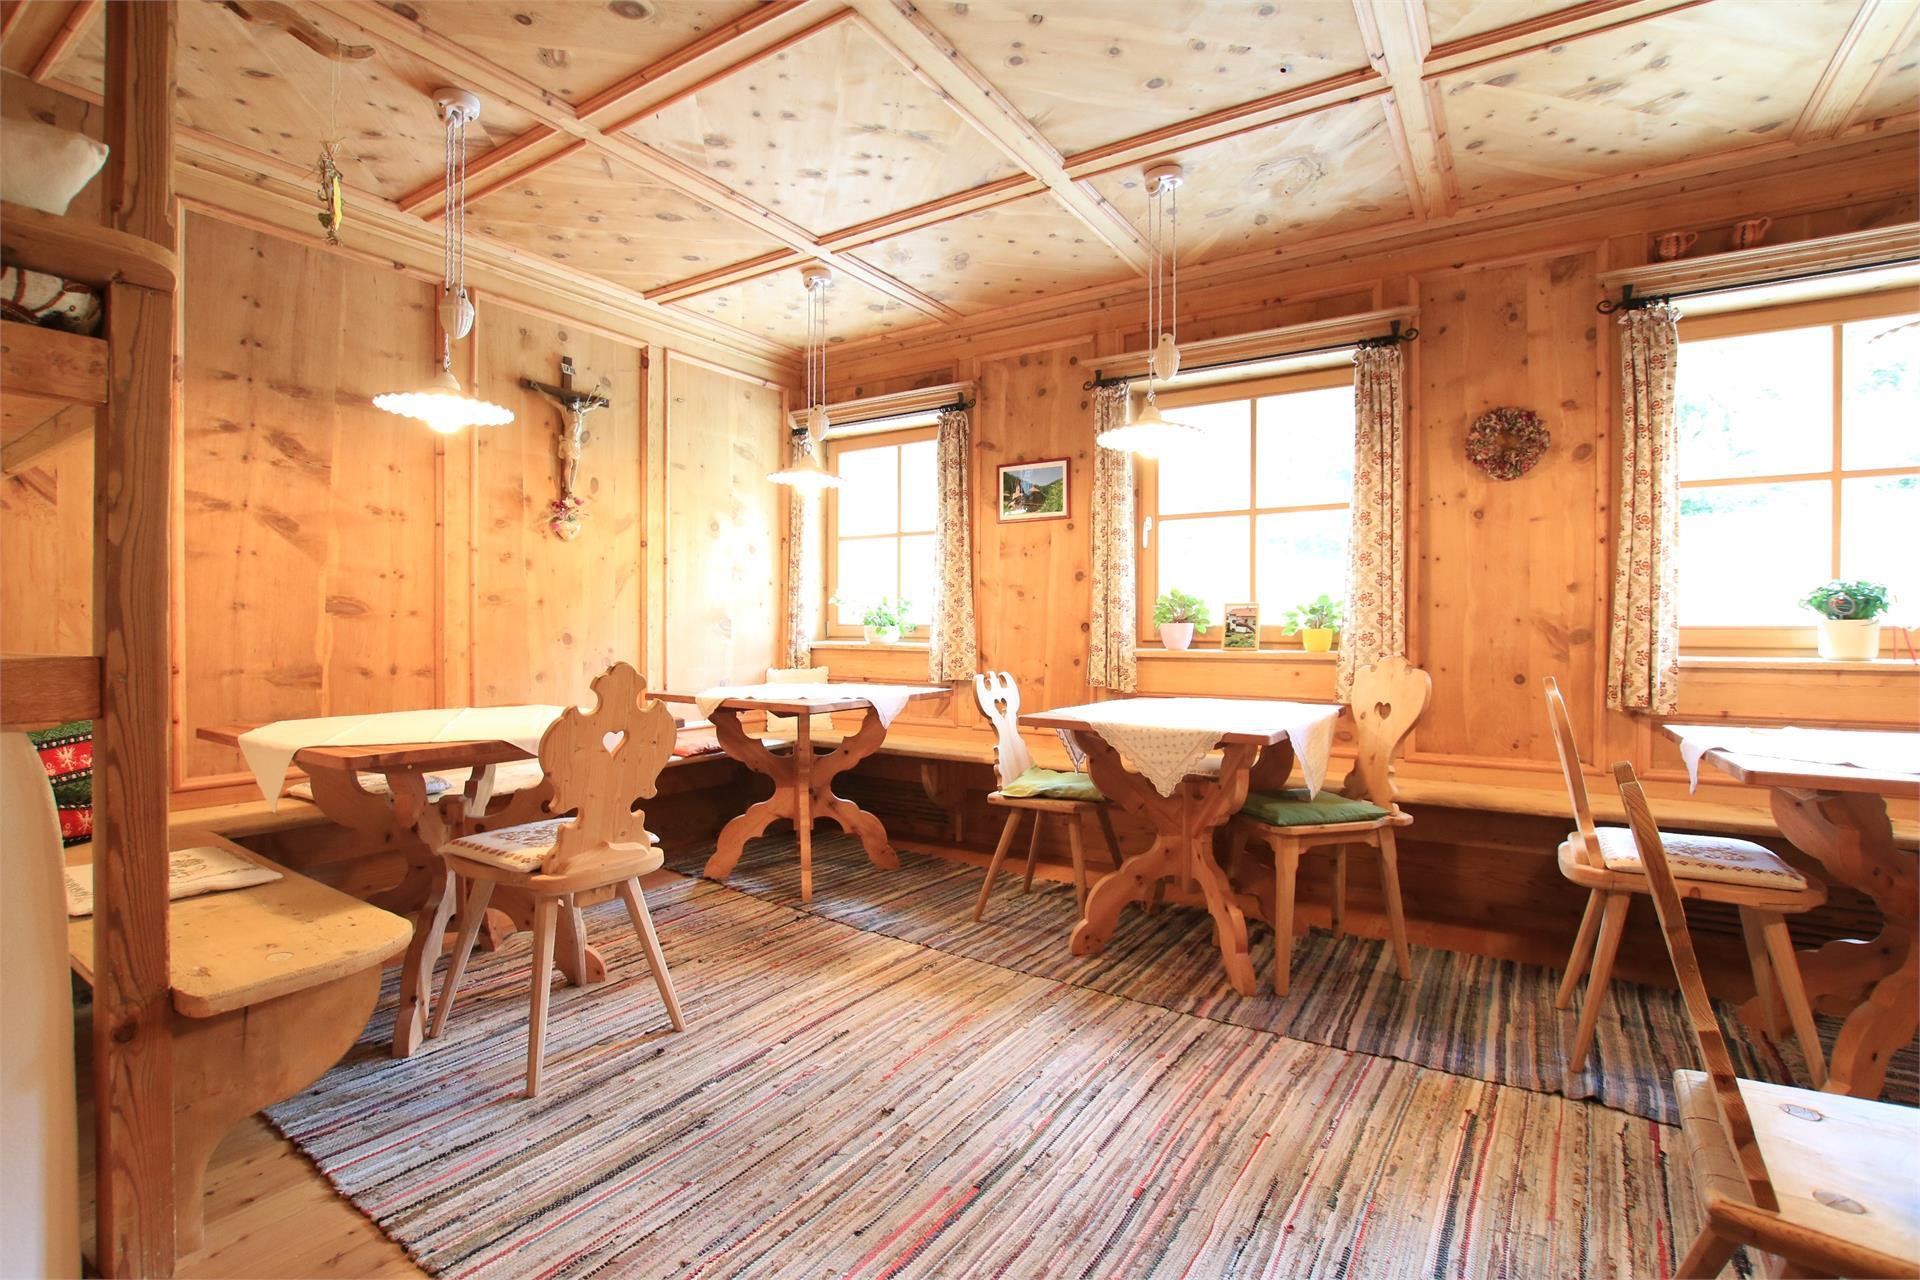 Die Tiroler Stube mit Bibliothek dient als Aufenthalts- und Frühstücksraum